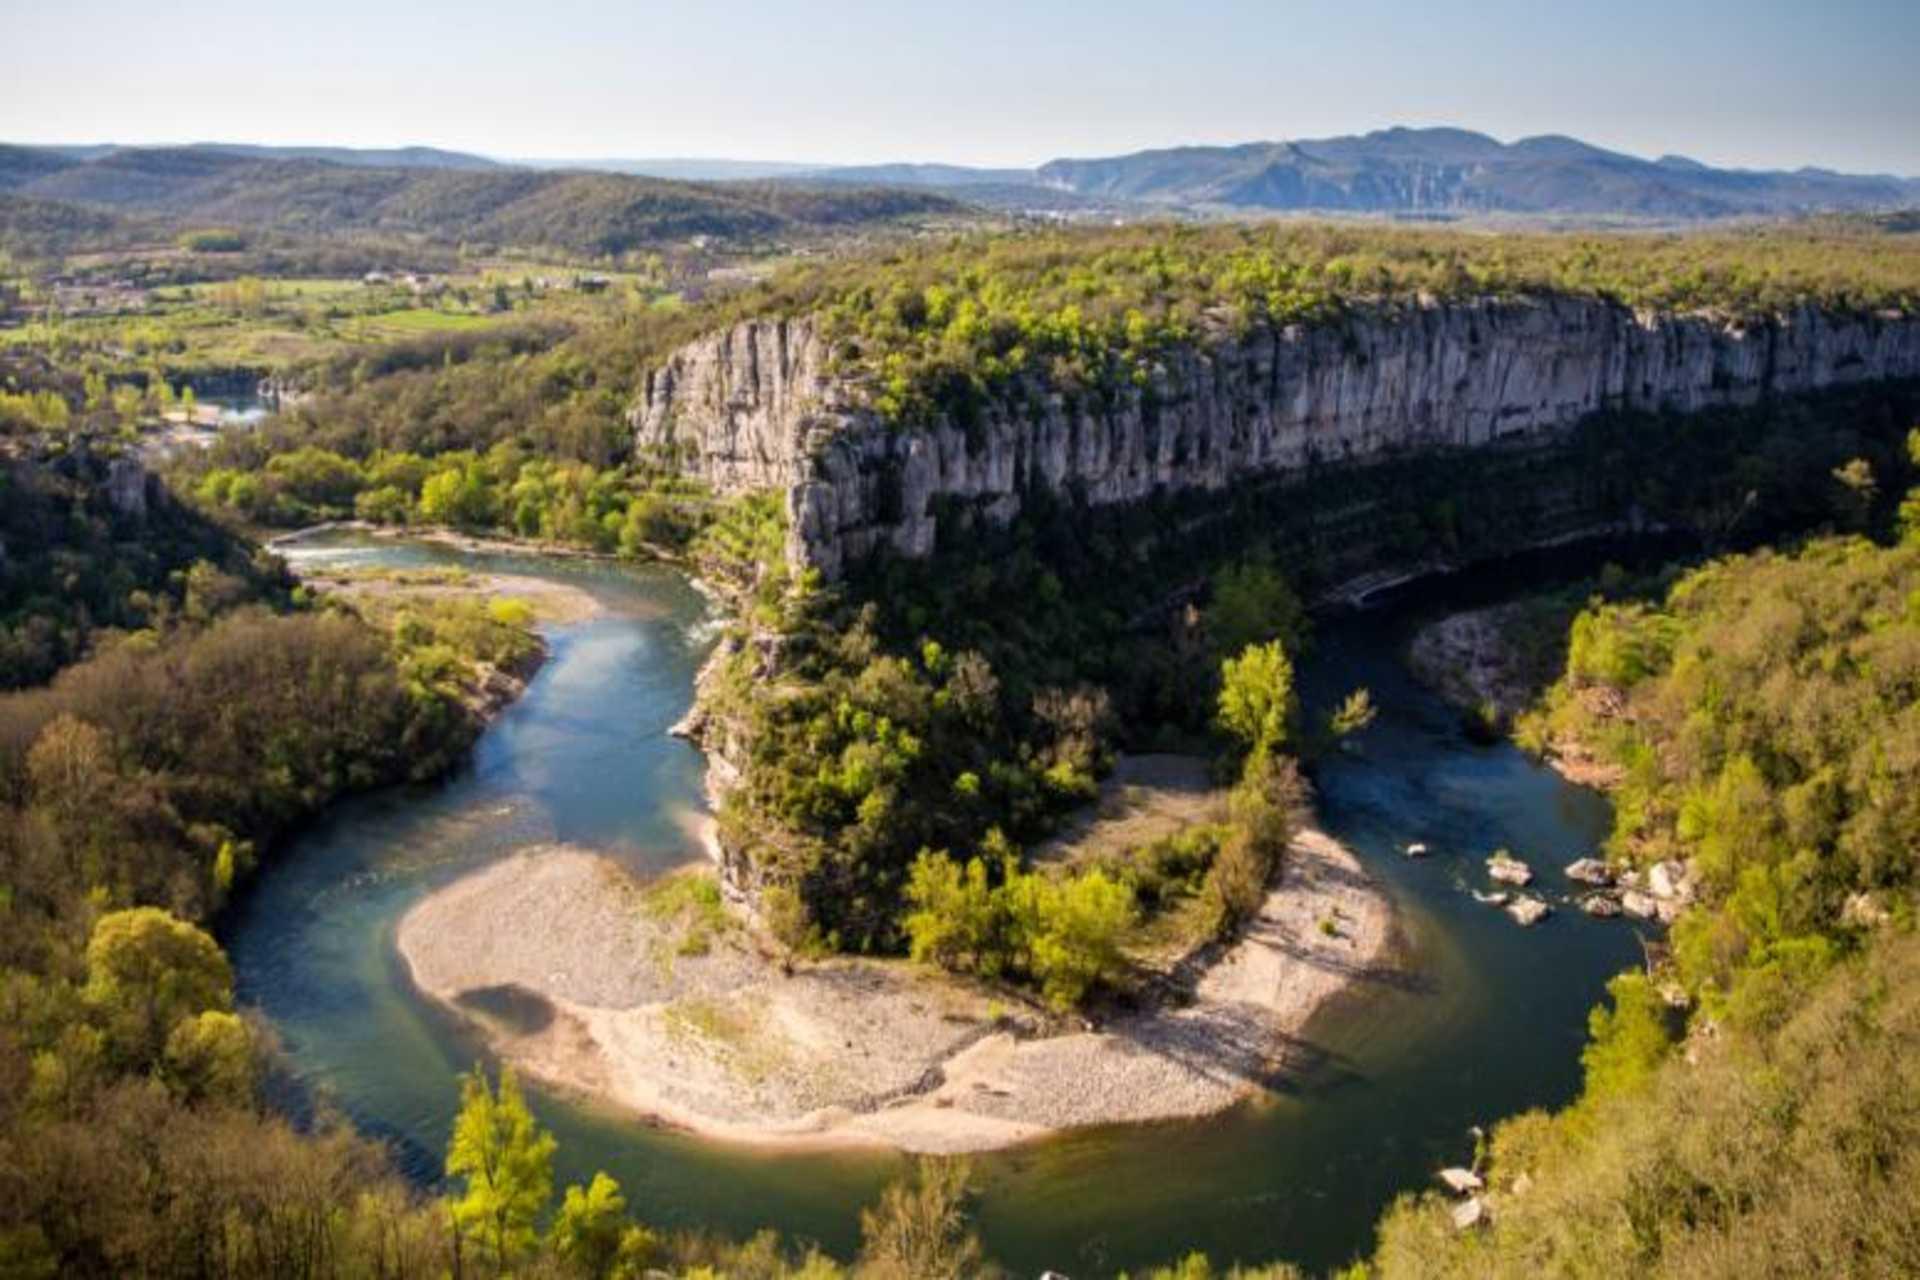 Vue sur le Cirque de Gens et les gorges de l'Ardèche